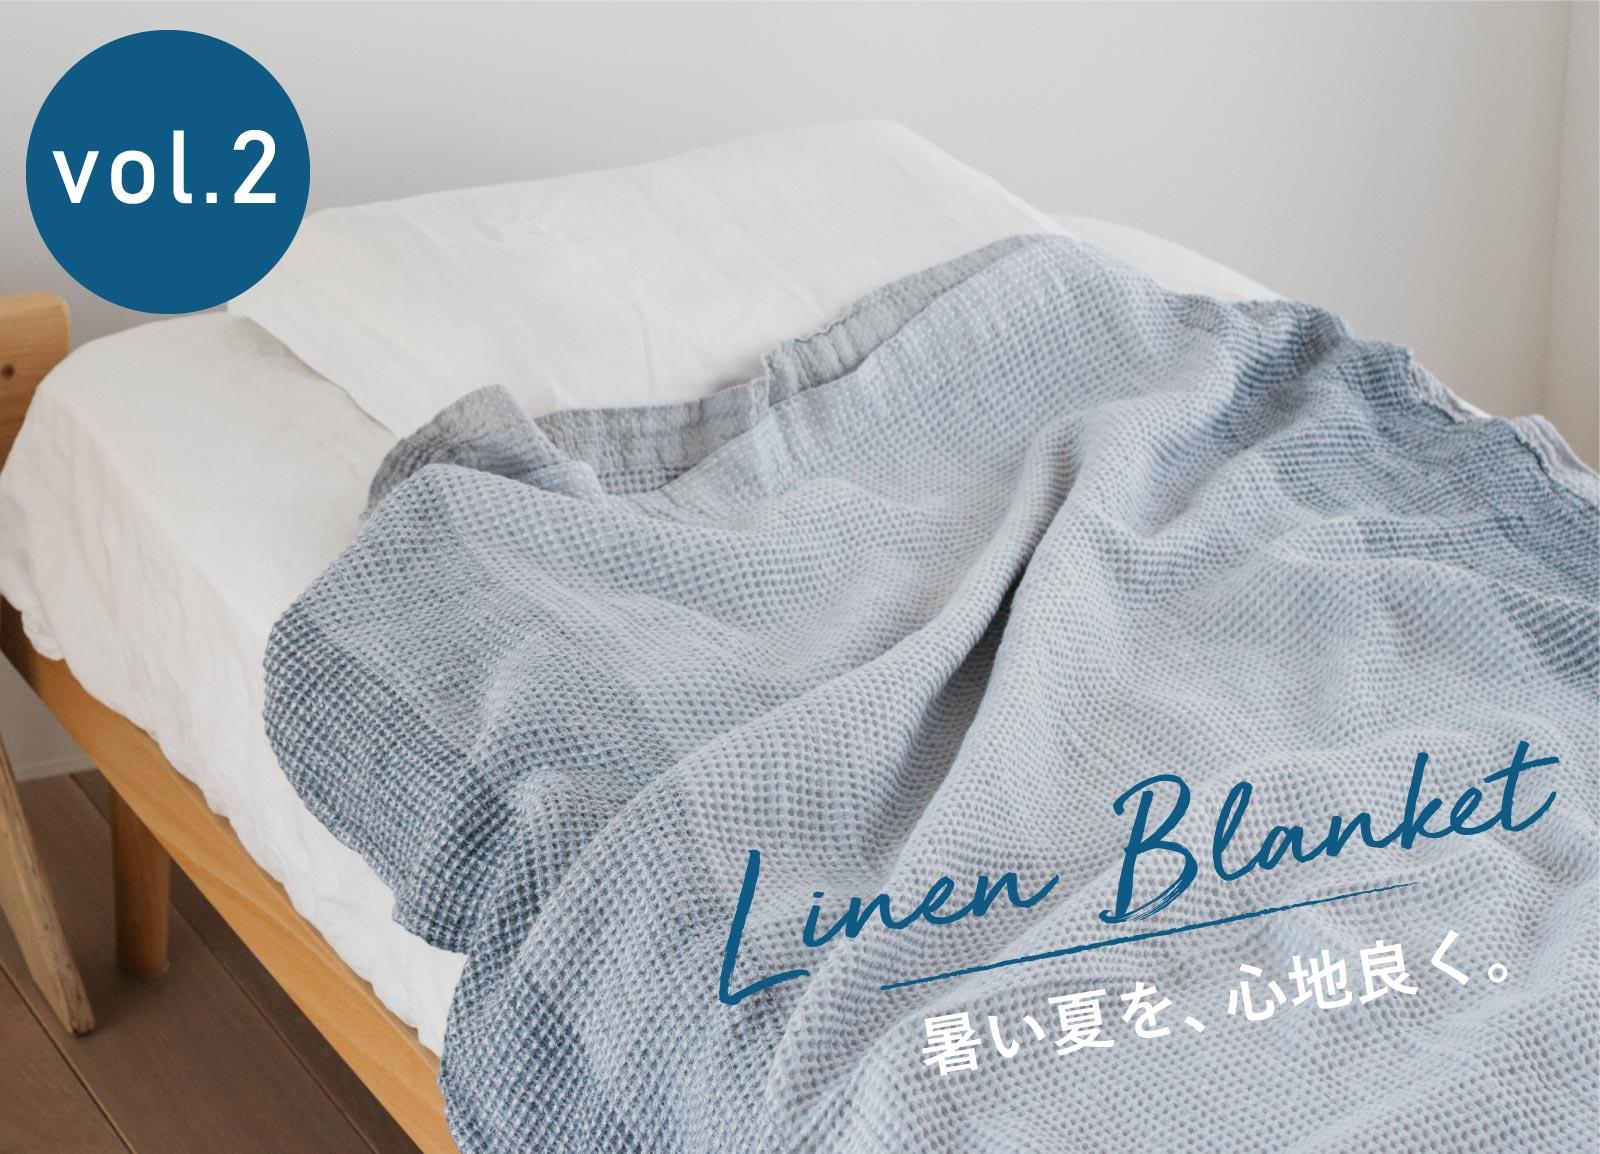 vol.2 - Linen Blanket - 暑い夏を、心地良く。